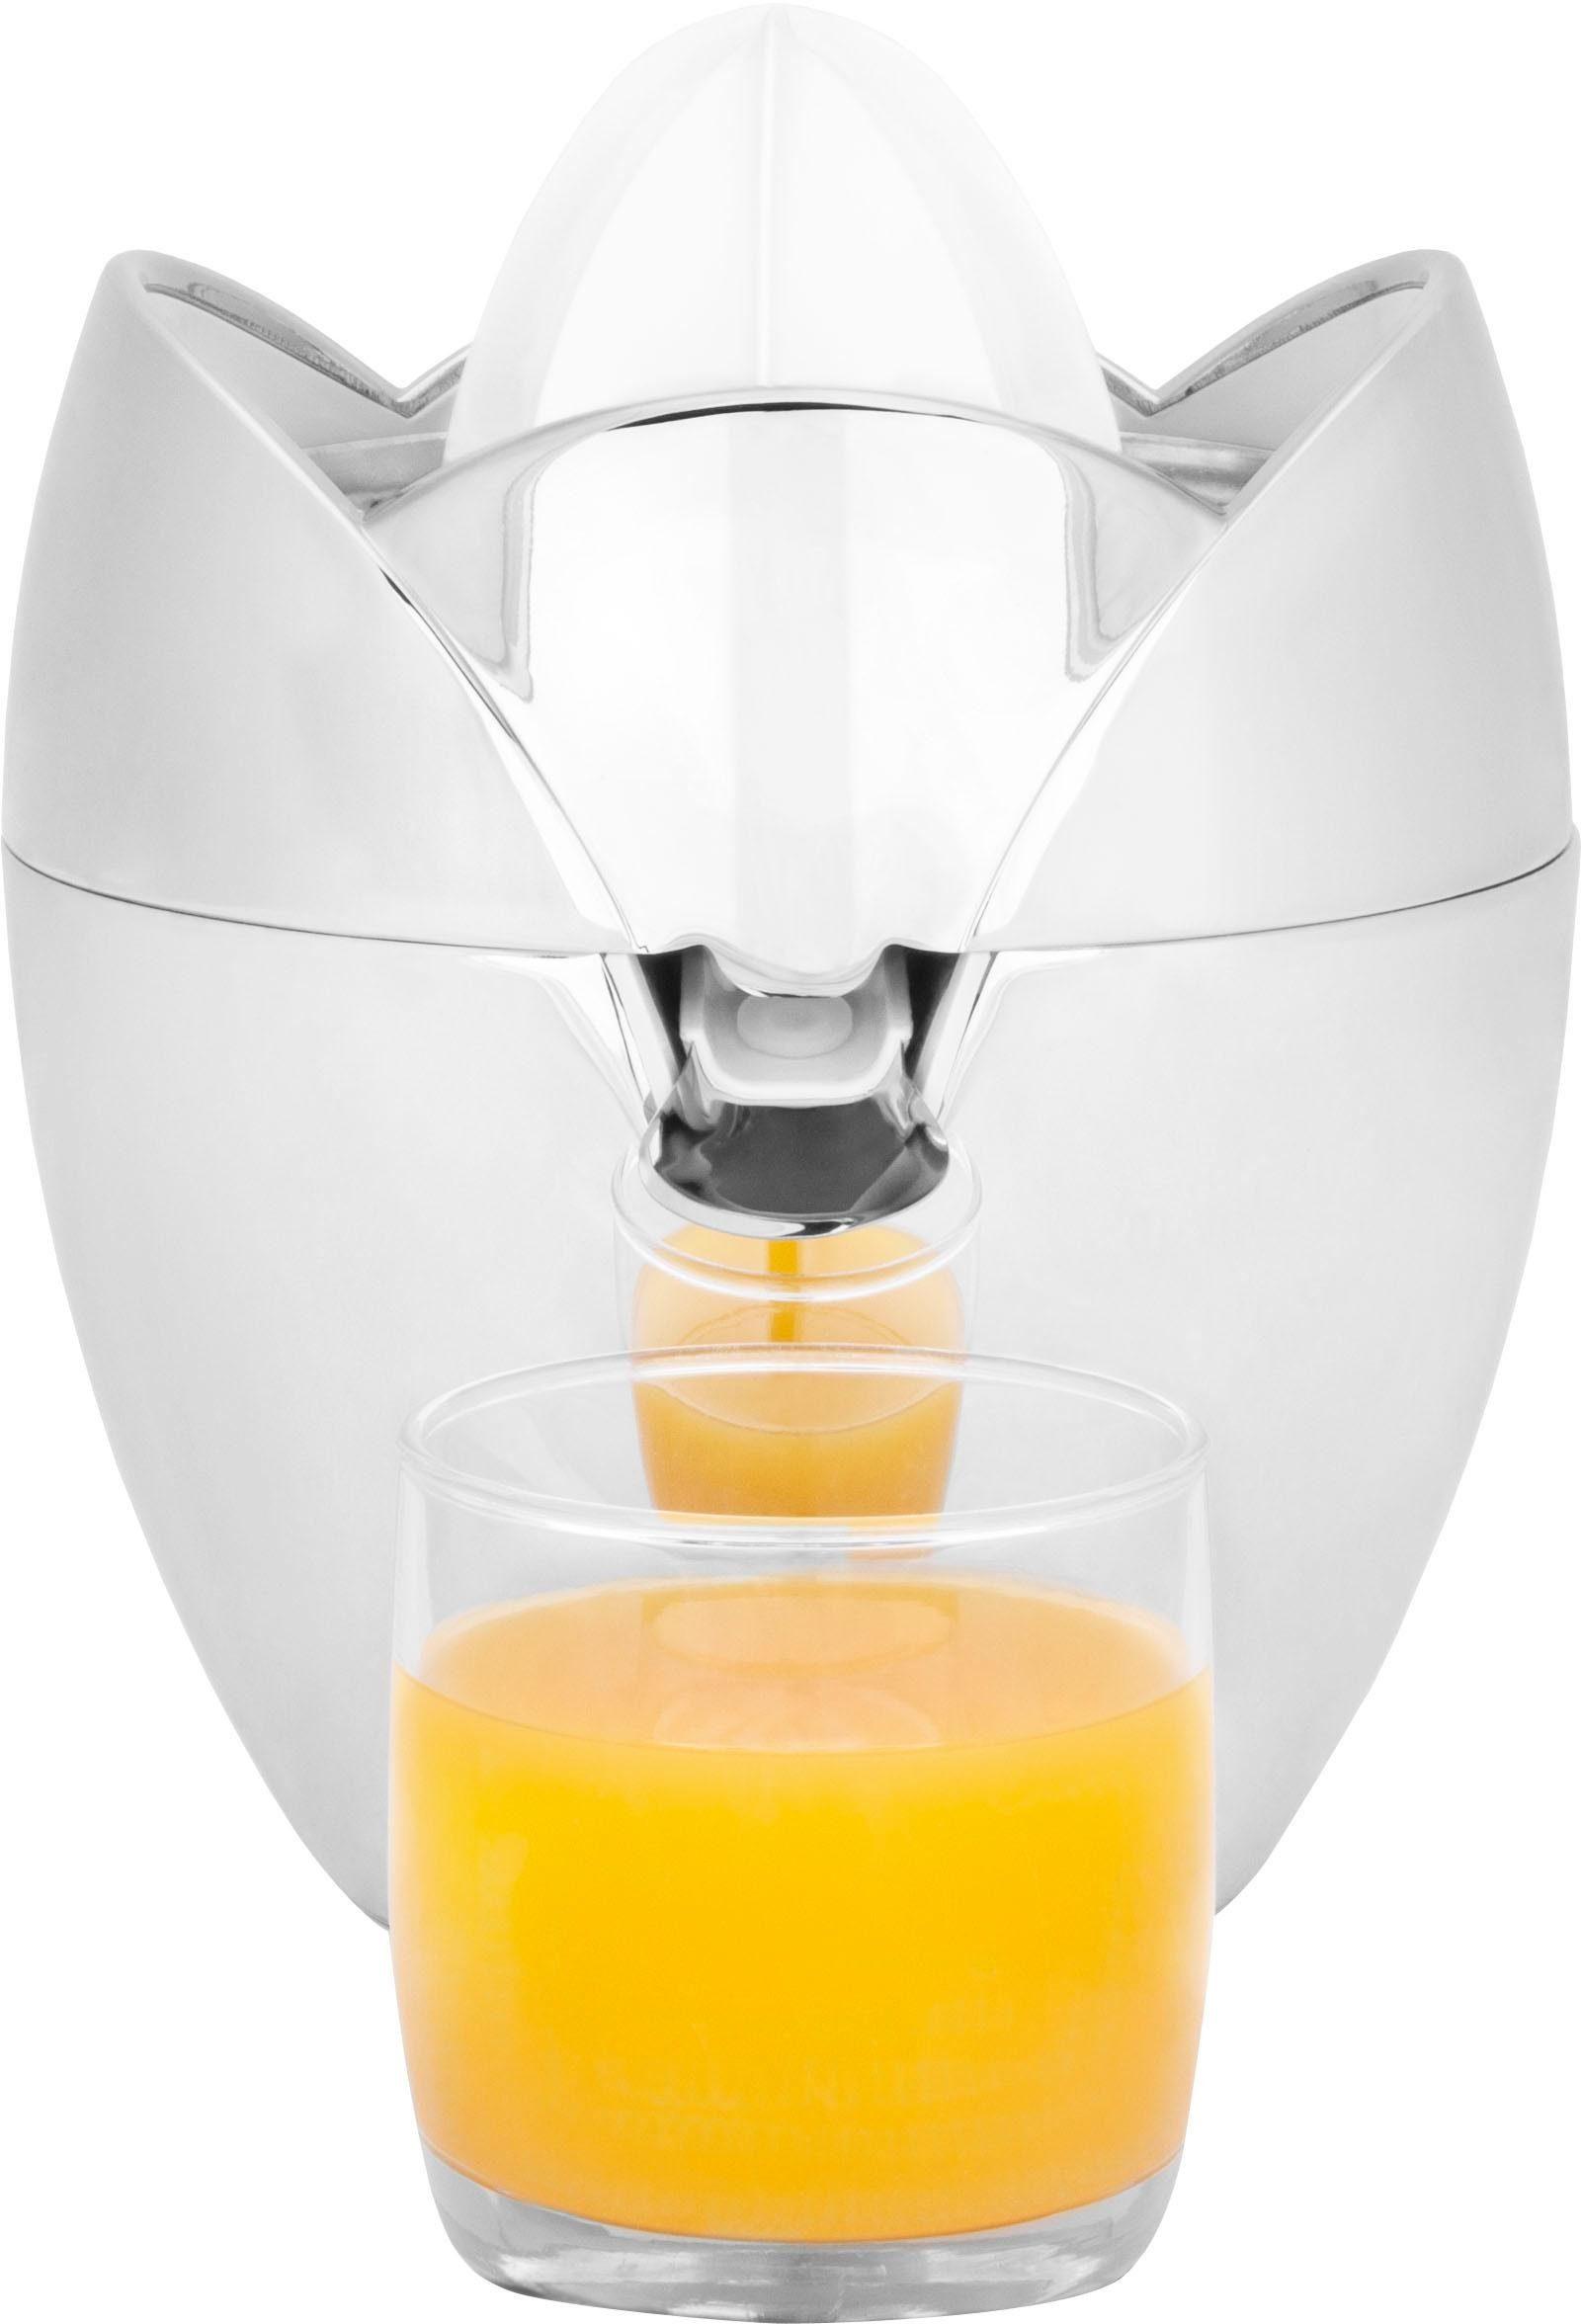 Gastroback Zitruspresse Gastroback 41124 Elektrische Zitruspresse Orangenpresse, 80 W